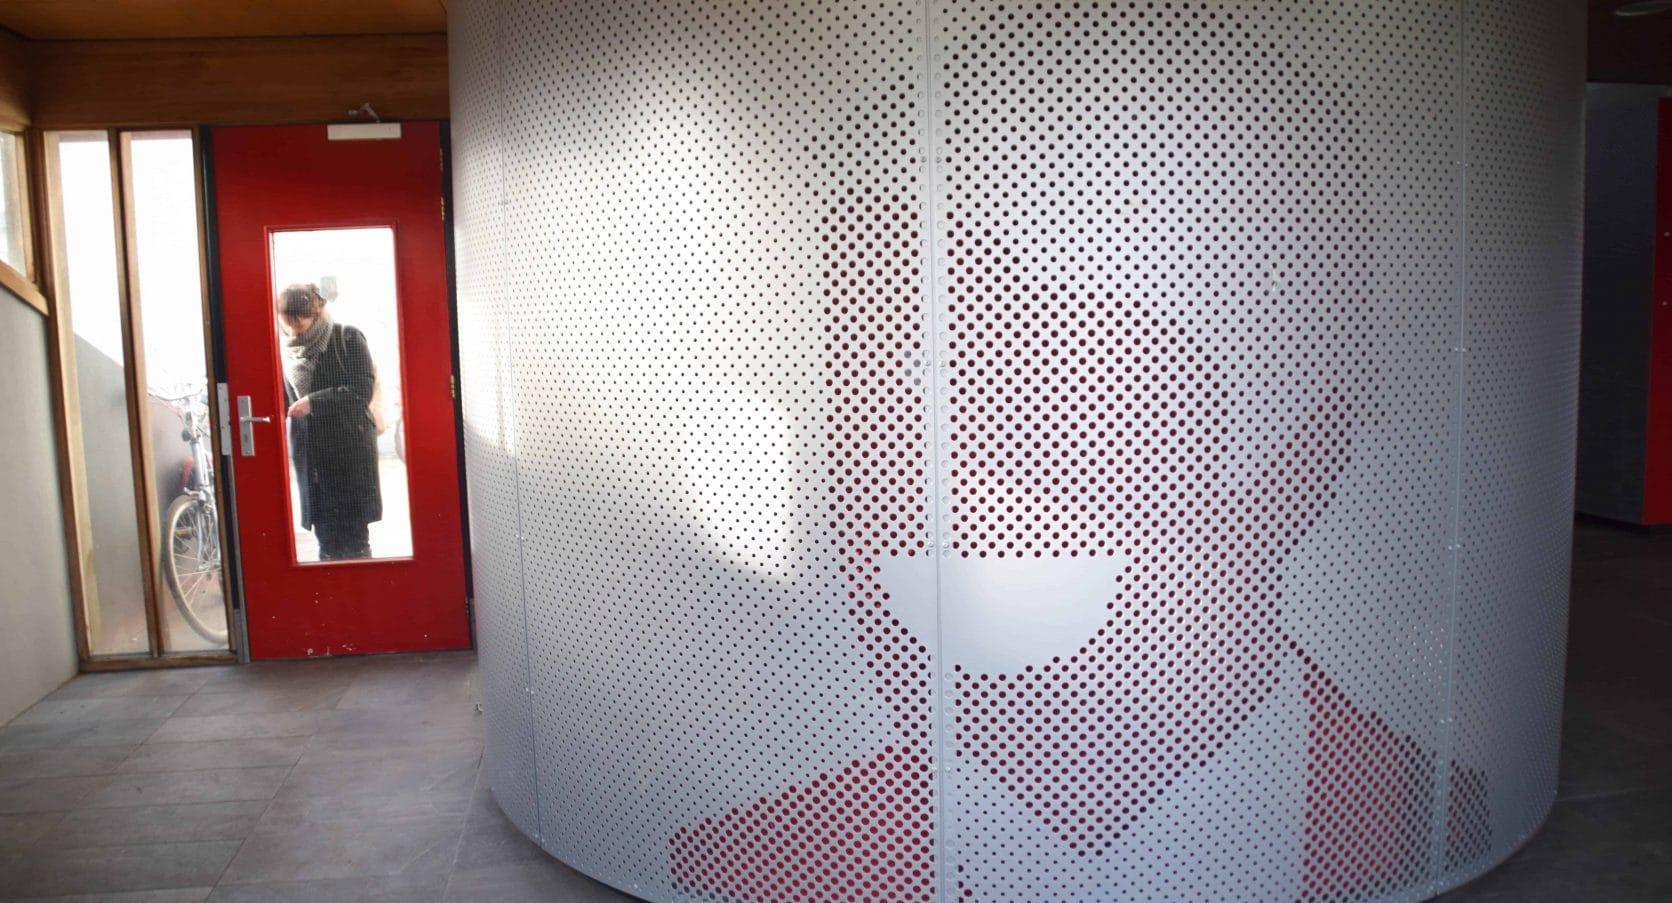 MD Designperforatie als interieurbekleding bij de woontorens Tuindorp West in Utrecht